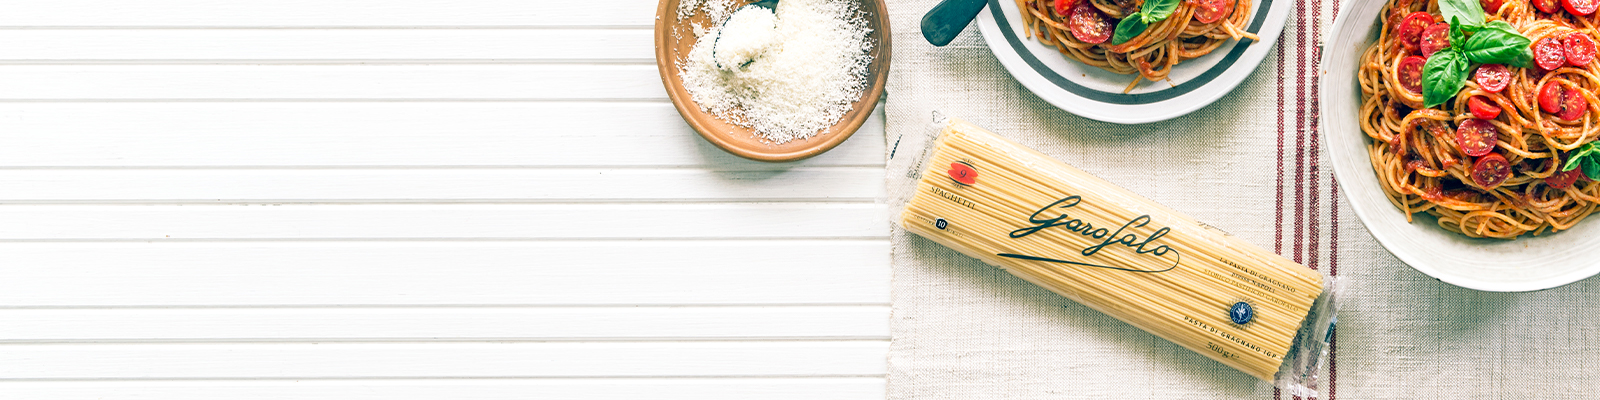 Pasta Garofalo - Pasta di Semola di Grano Duro